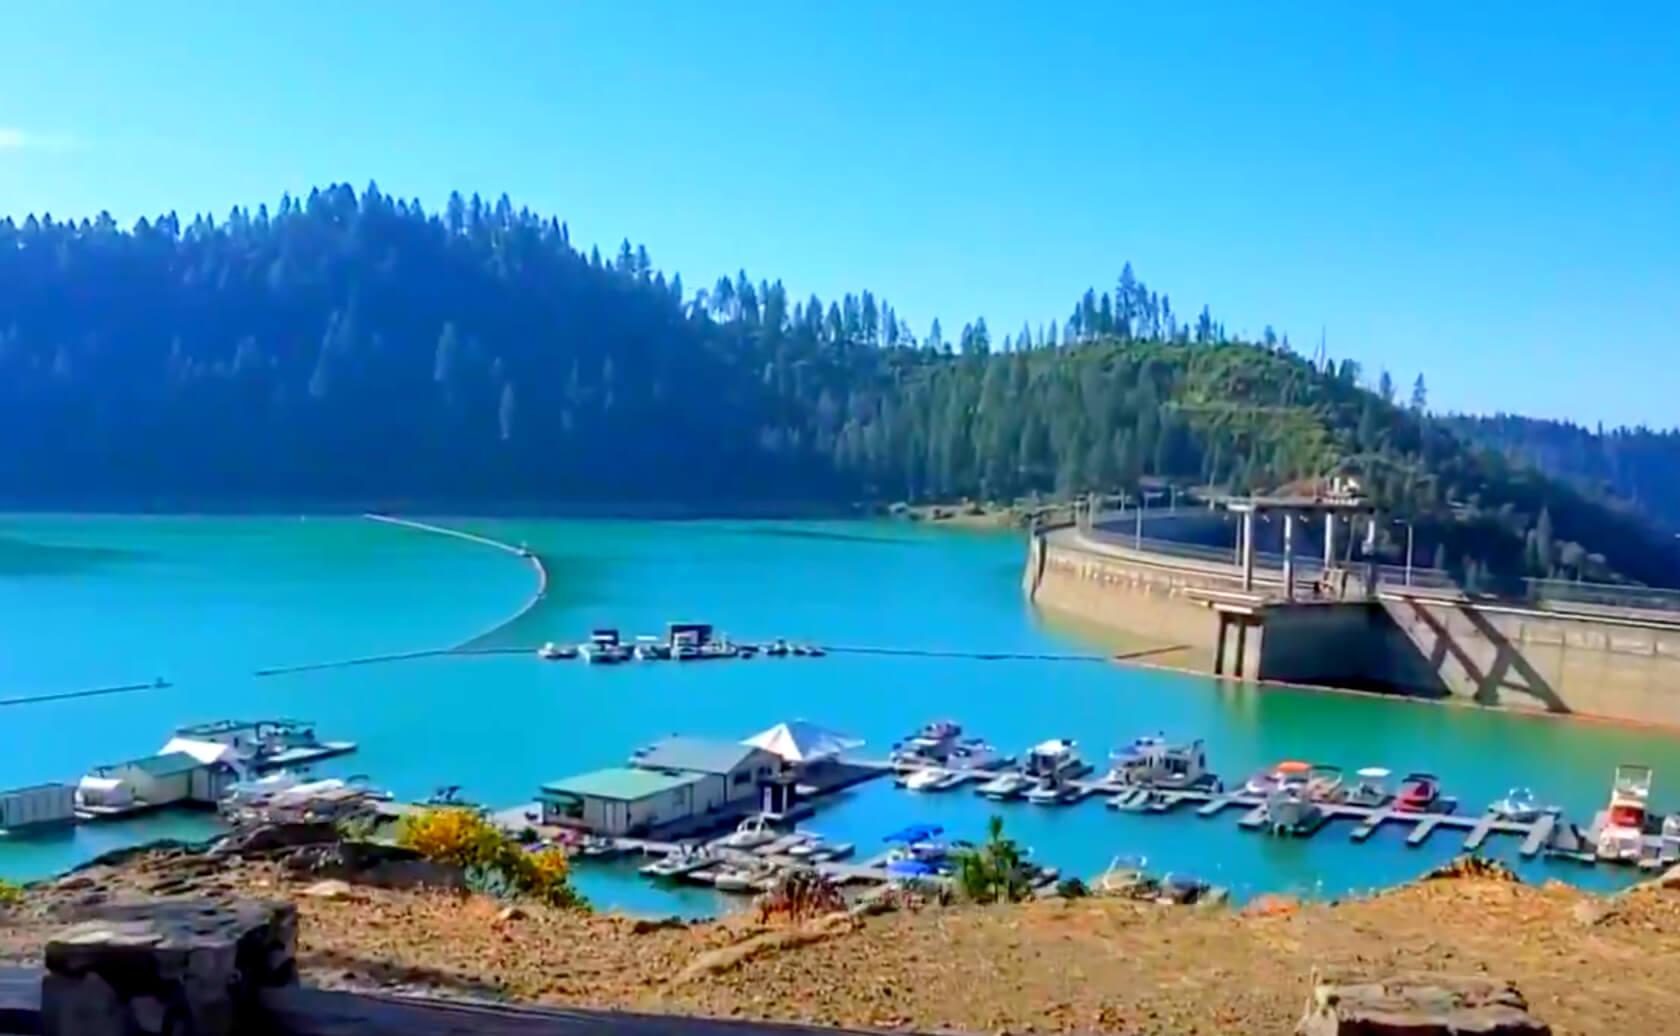 New-Bullards-Bar-Reservoir-Lake-Fishing-Guide-Report-California-06